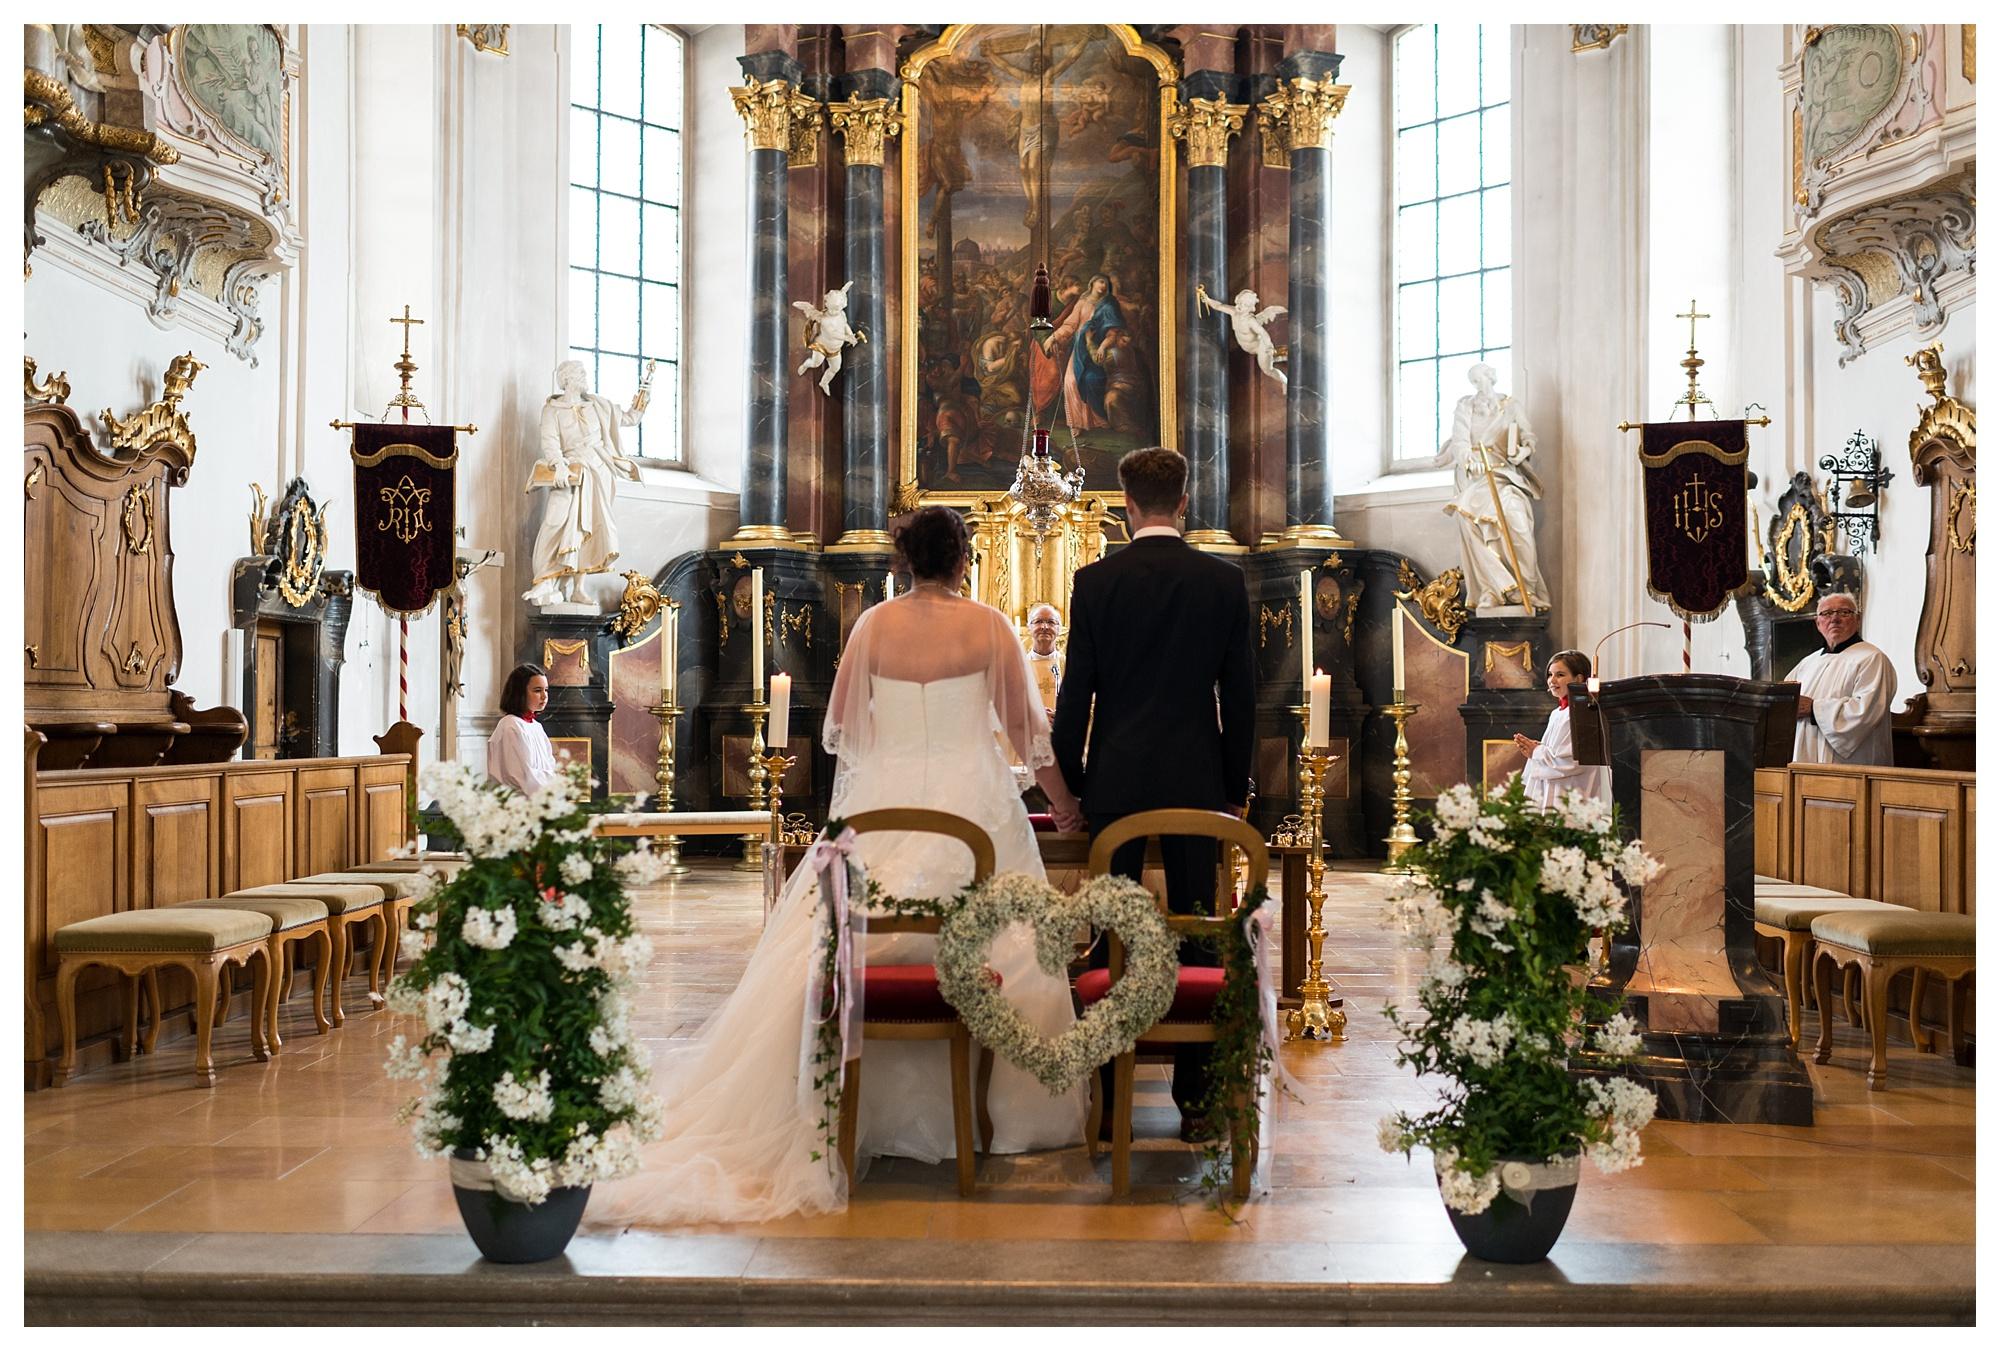 Fotograf Konstanz - Hochzeit Tanja Elmar Elmar Feuerbacher Photography Konstanz Messkirch Highlights 027 - Hochzeitsreportage von Tanja und Elmar im Schloss Meßkirch  - 131 -